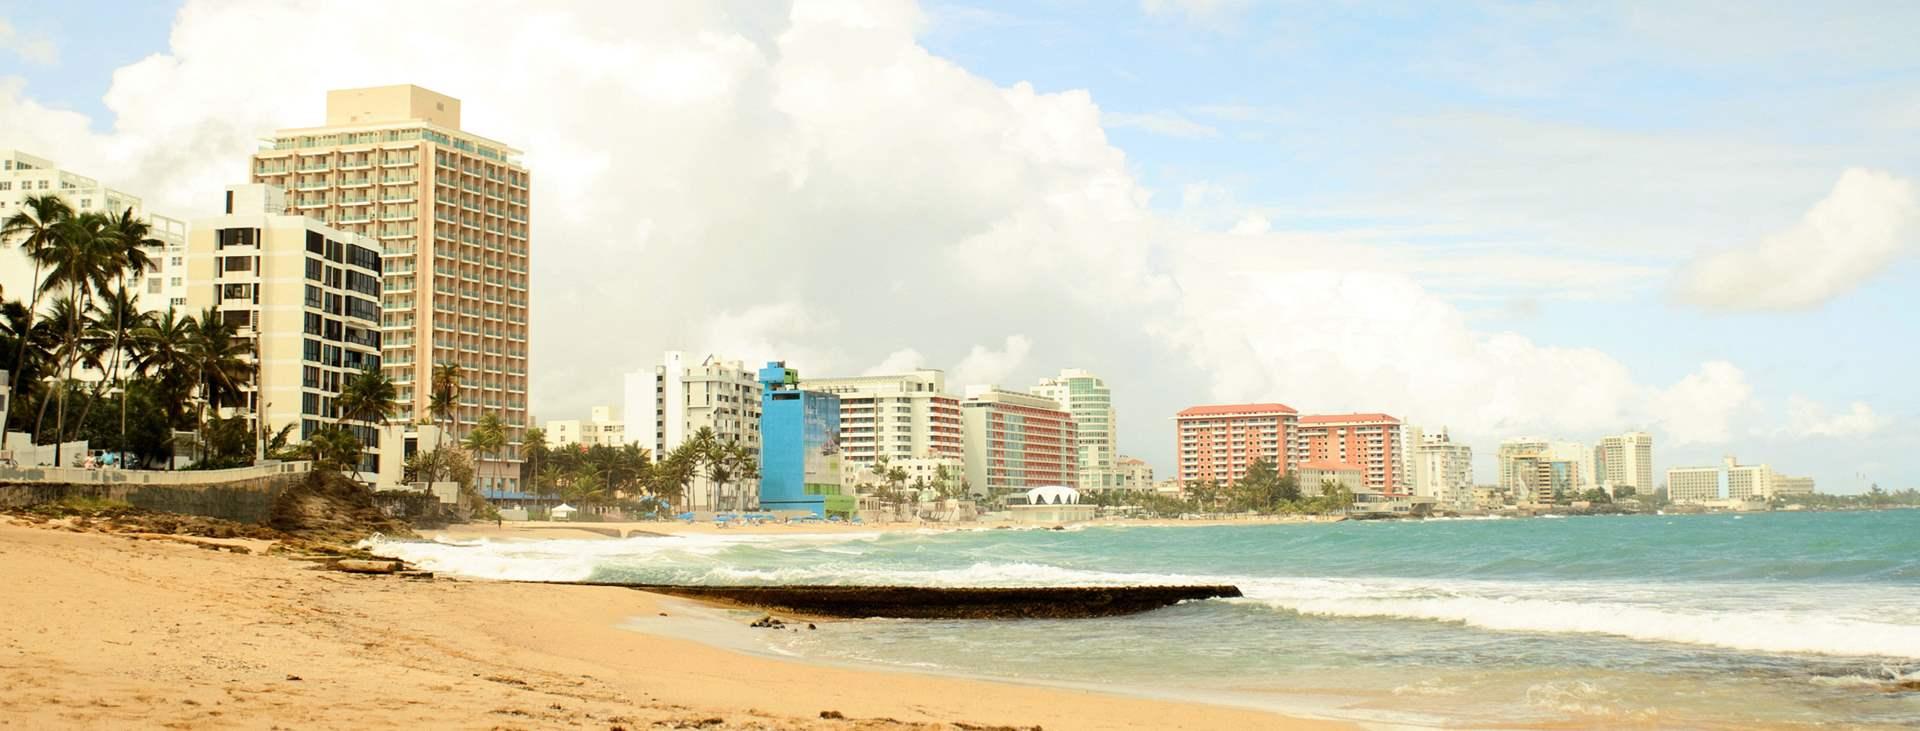 Matkat Puerto Ricoon